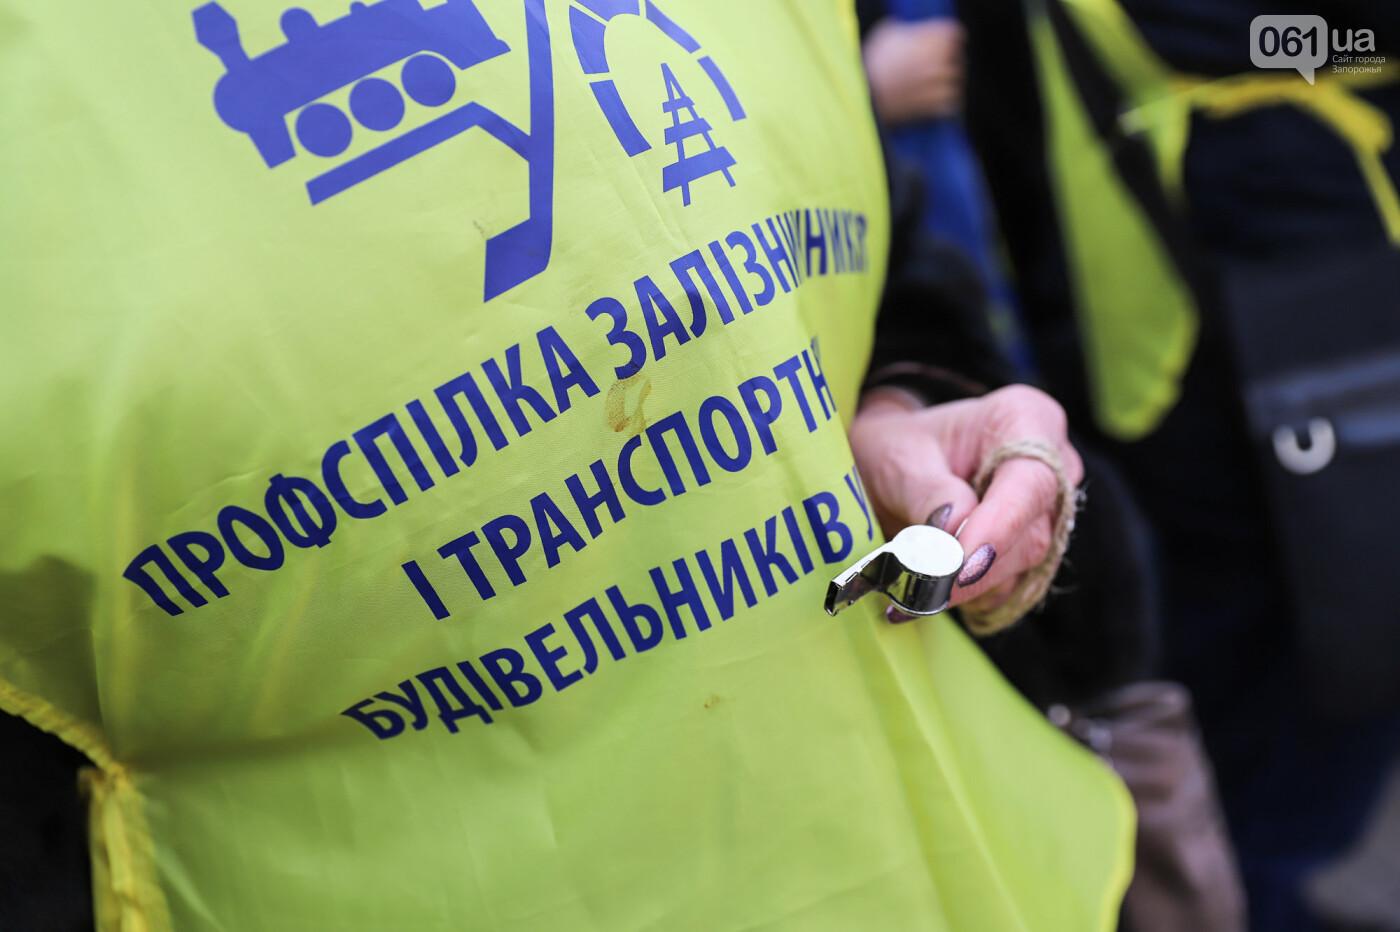 В Запорожье на протестную акцию профсоюзов «Волна гнева» вышло около 2000 человек, - ФОТОРЕПОРТАЖ, фото-21